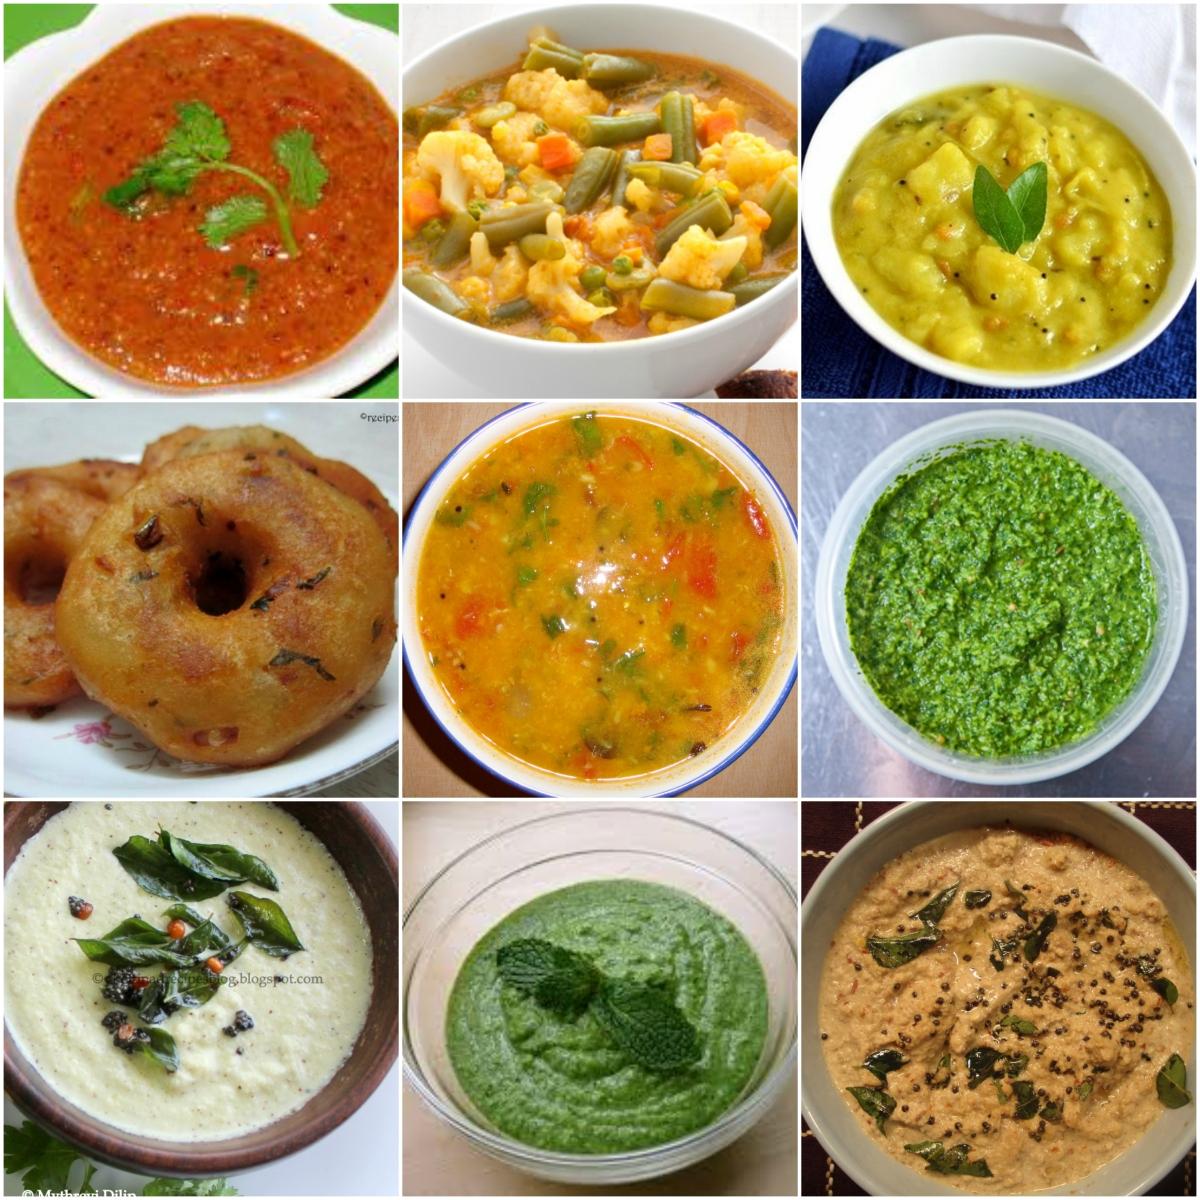 Masala Craft Indian Food